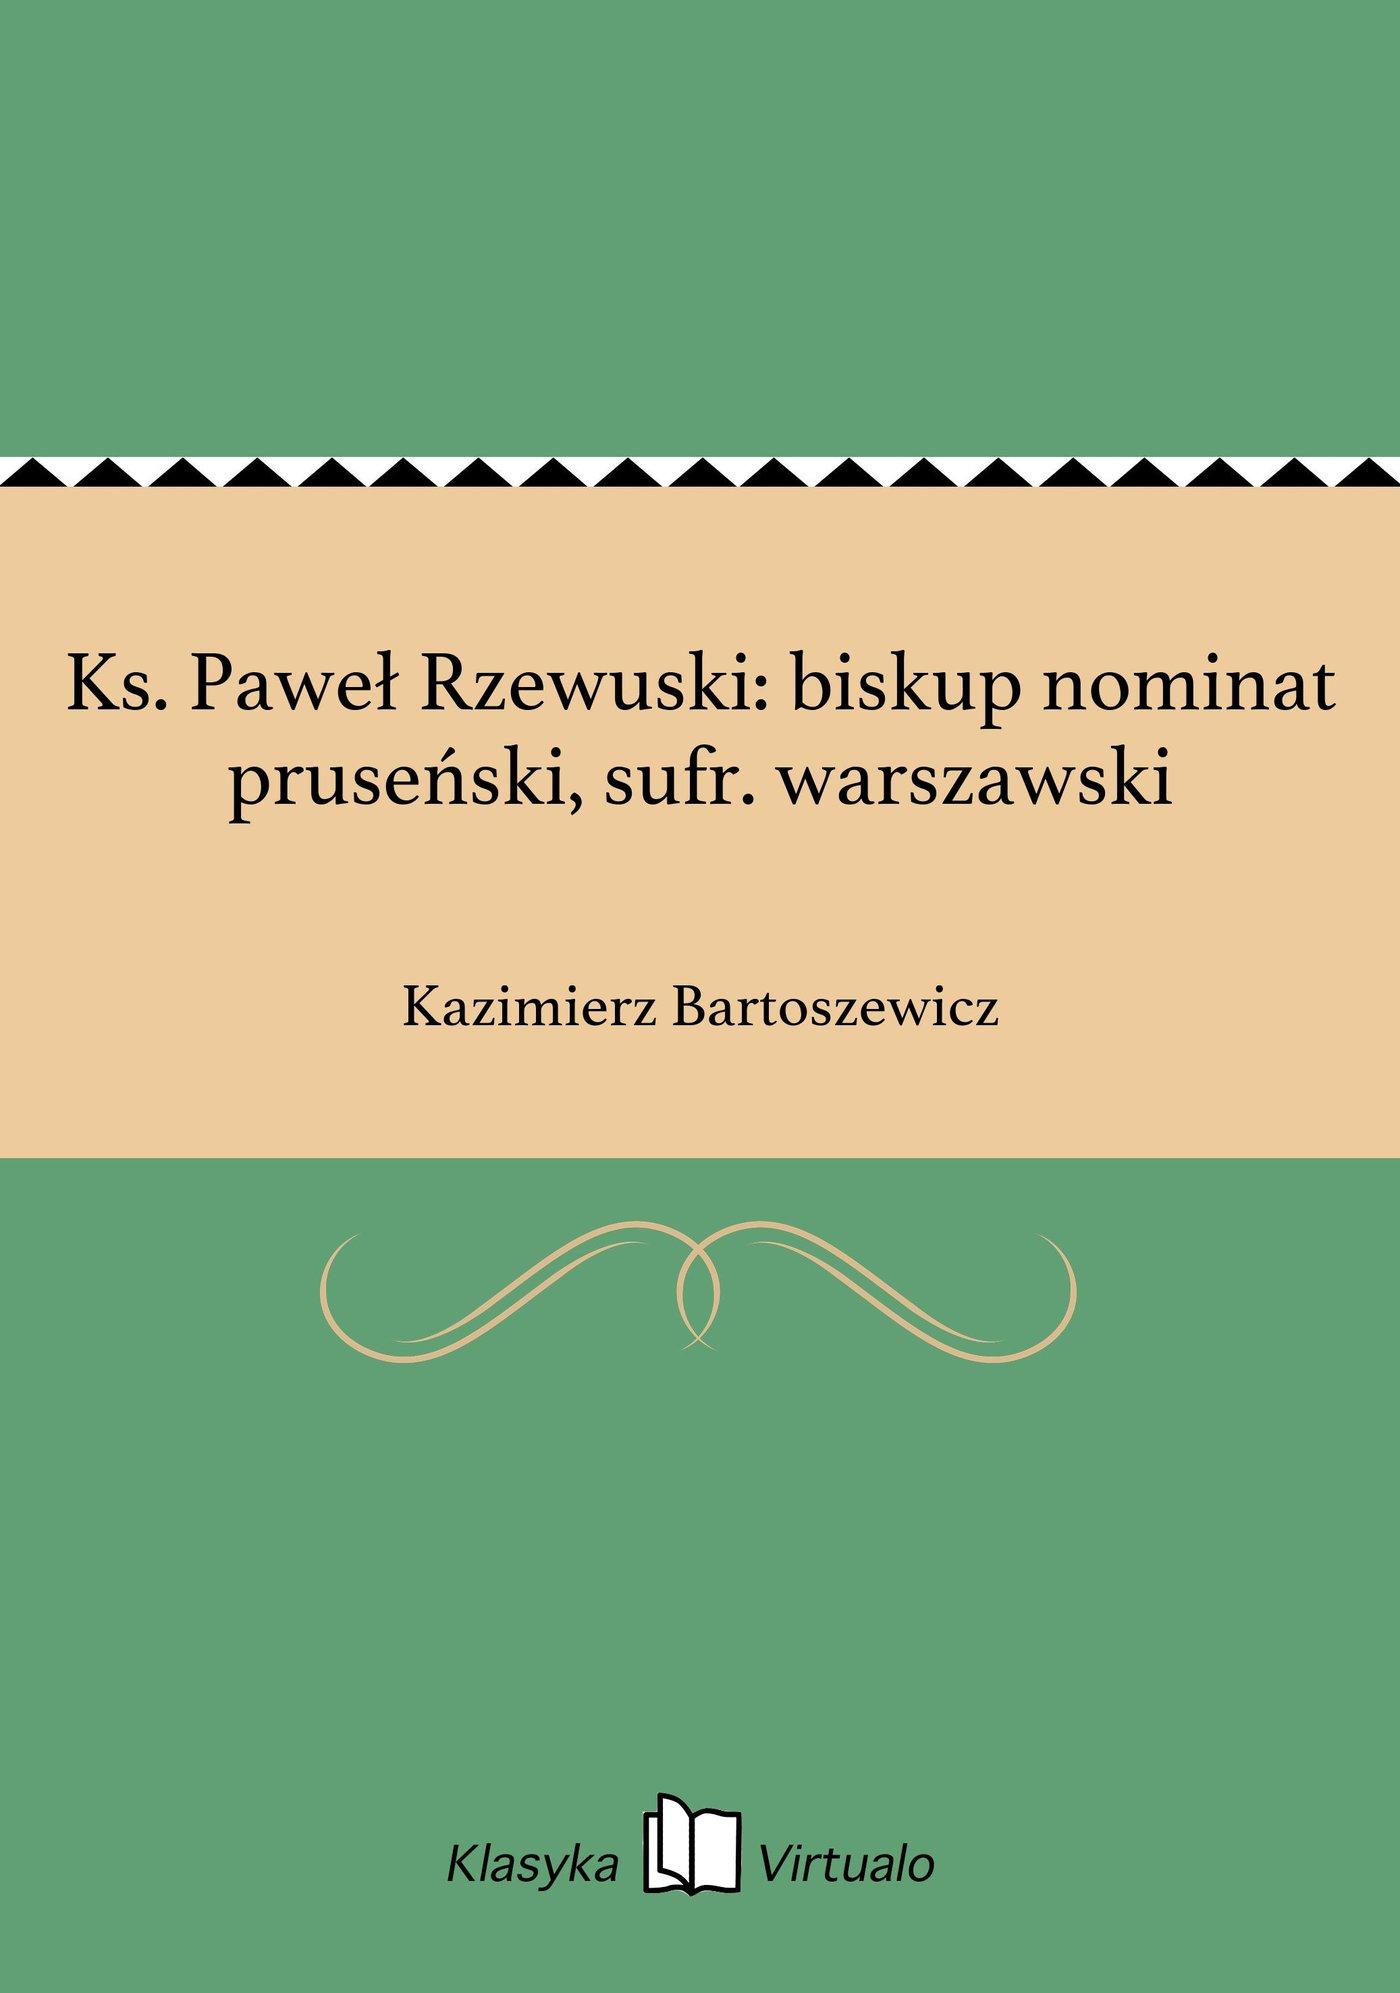 Ks. Paweł Rzewuski: biskup nominat pruseński, sufr. warszawski - Ebook (Książka EPUB) do pobrania w formacie EPUB